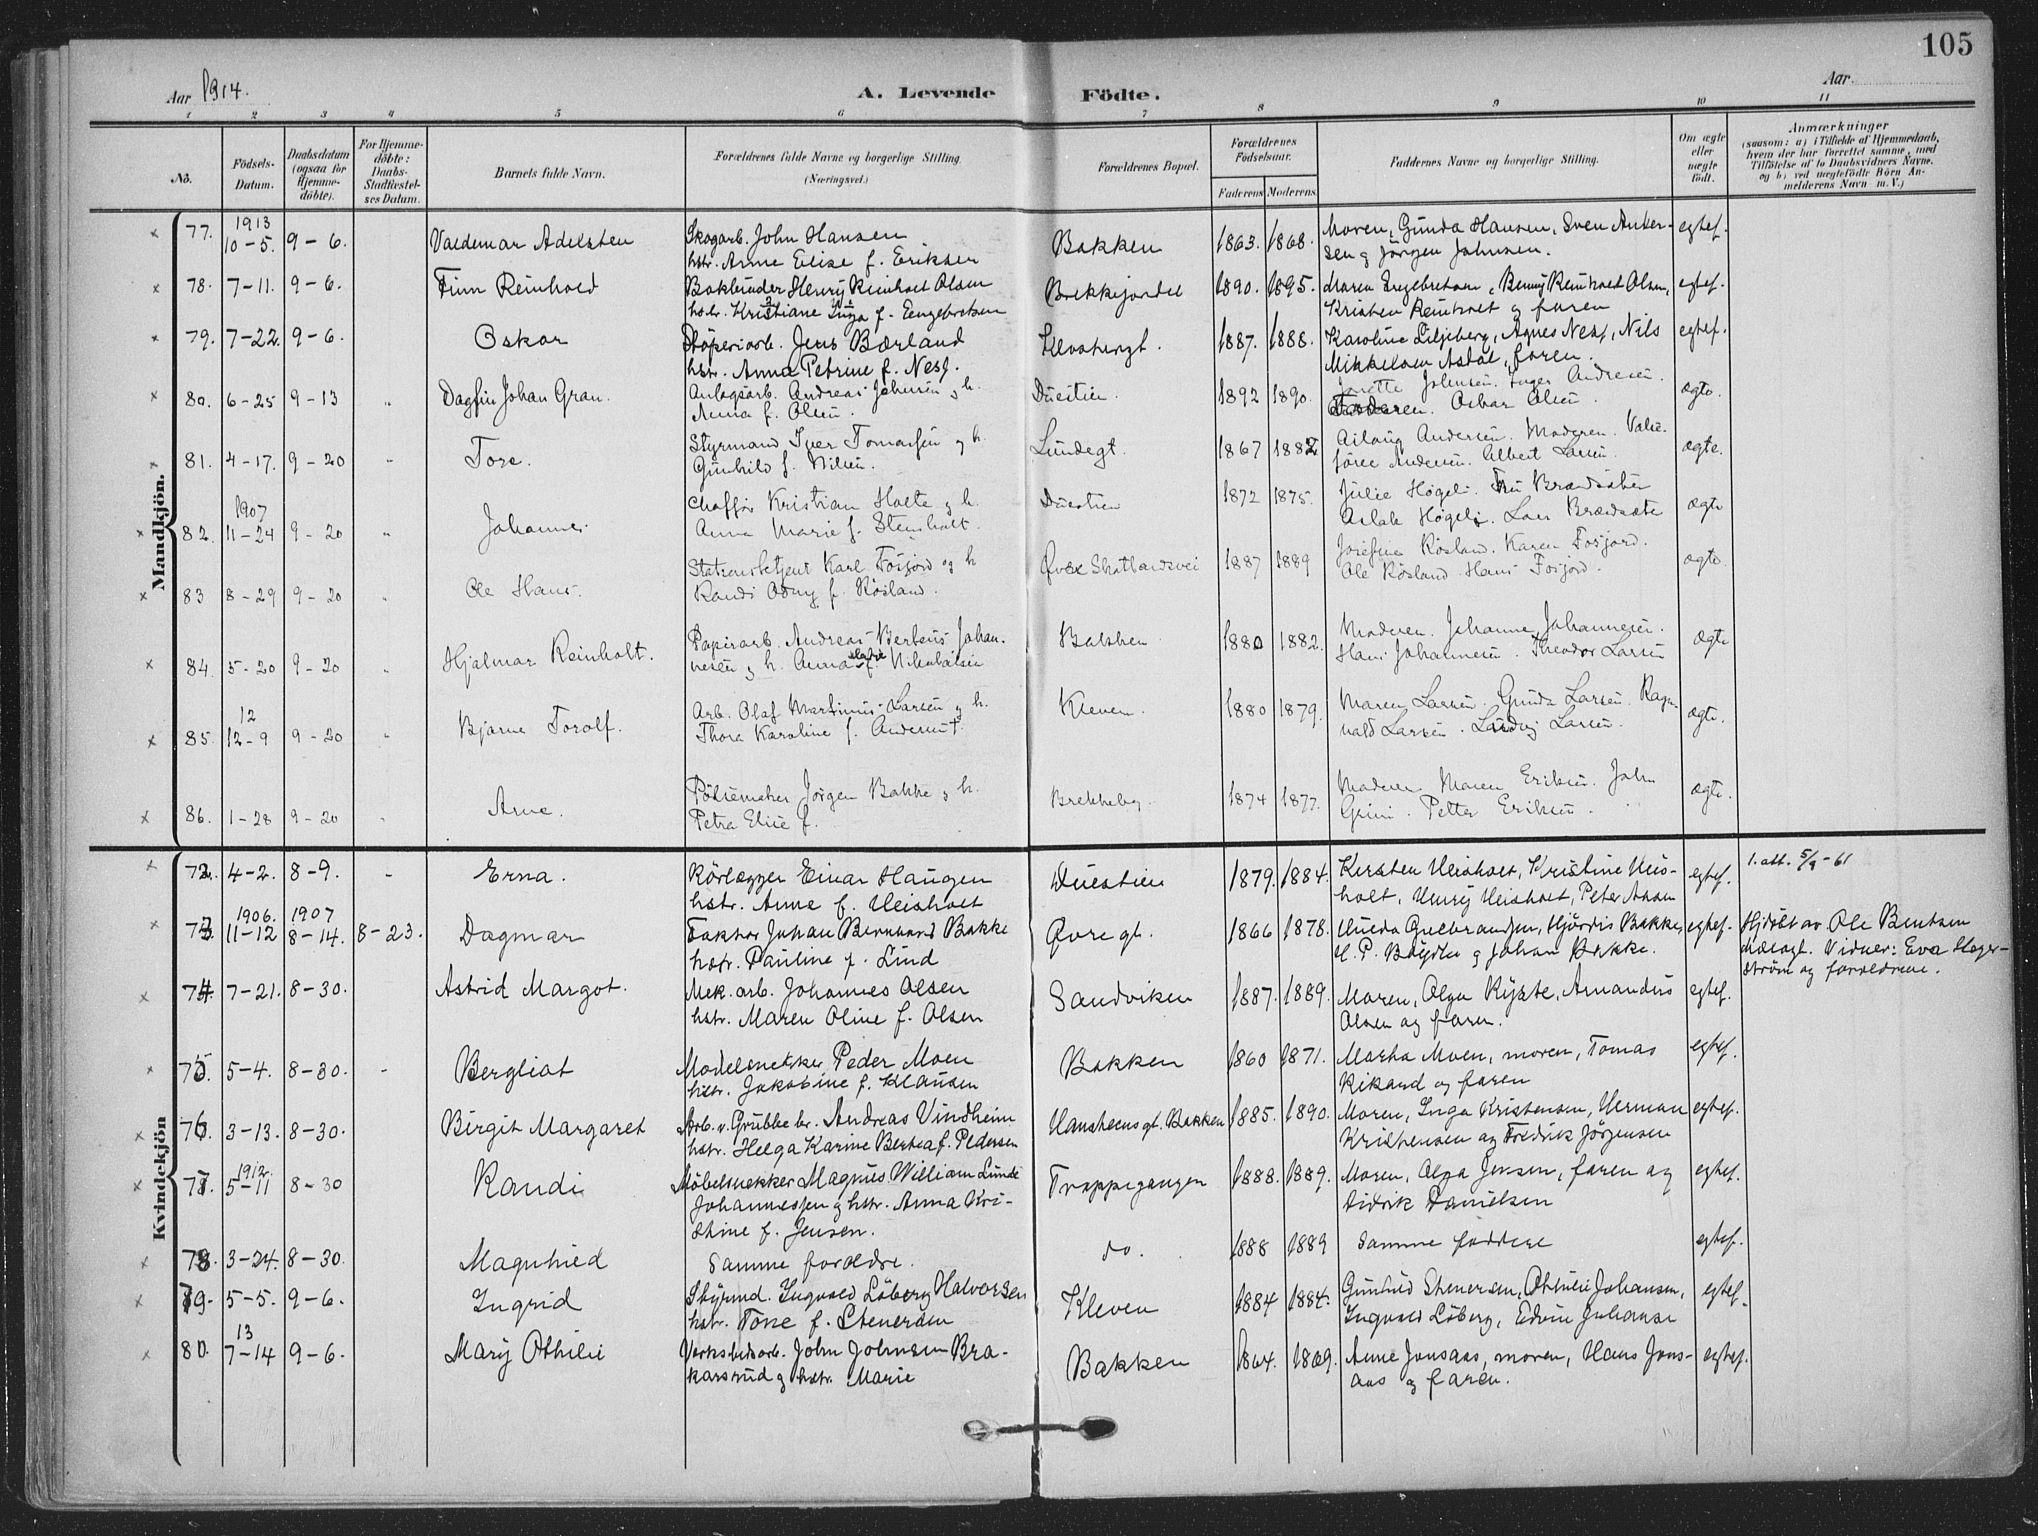 SAKO, Skien kirkebøker, F/Fa/L0012: Ministerialbok nr. 12, 1908-1914, s. 105